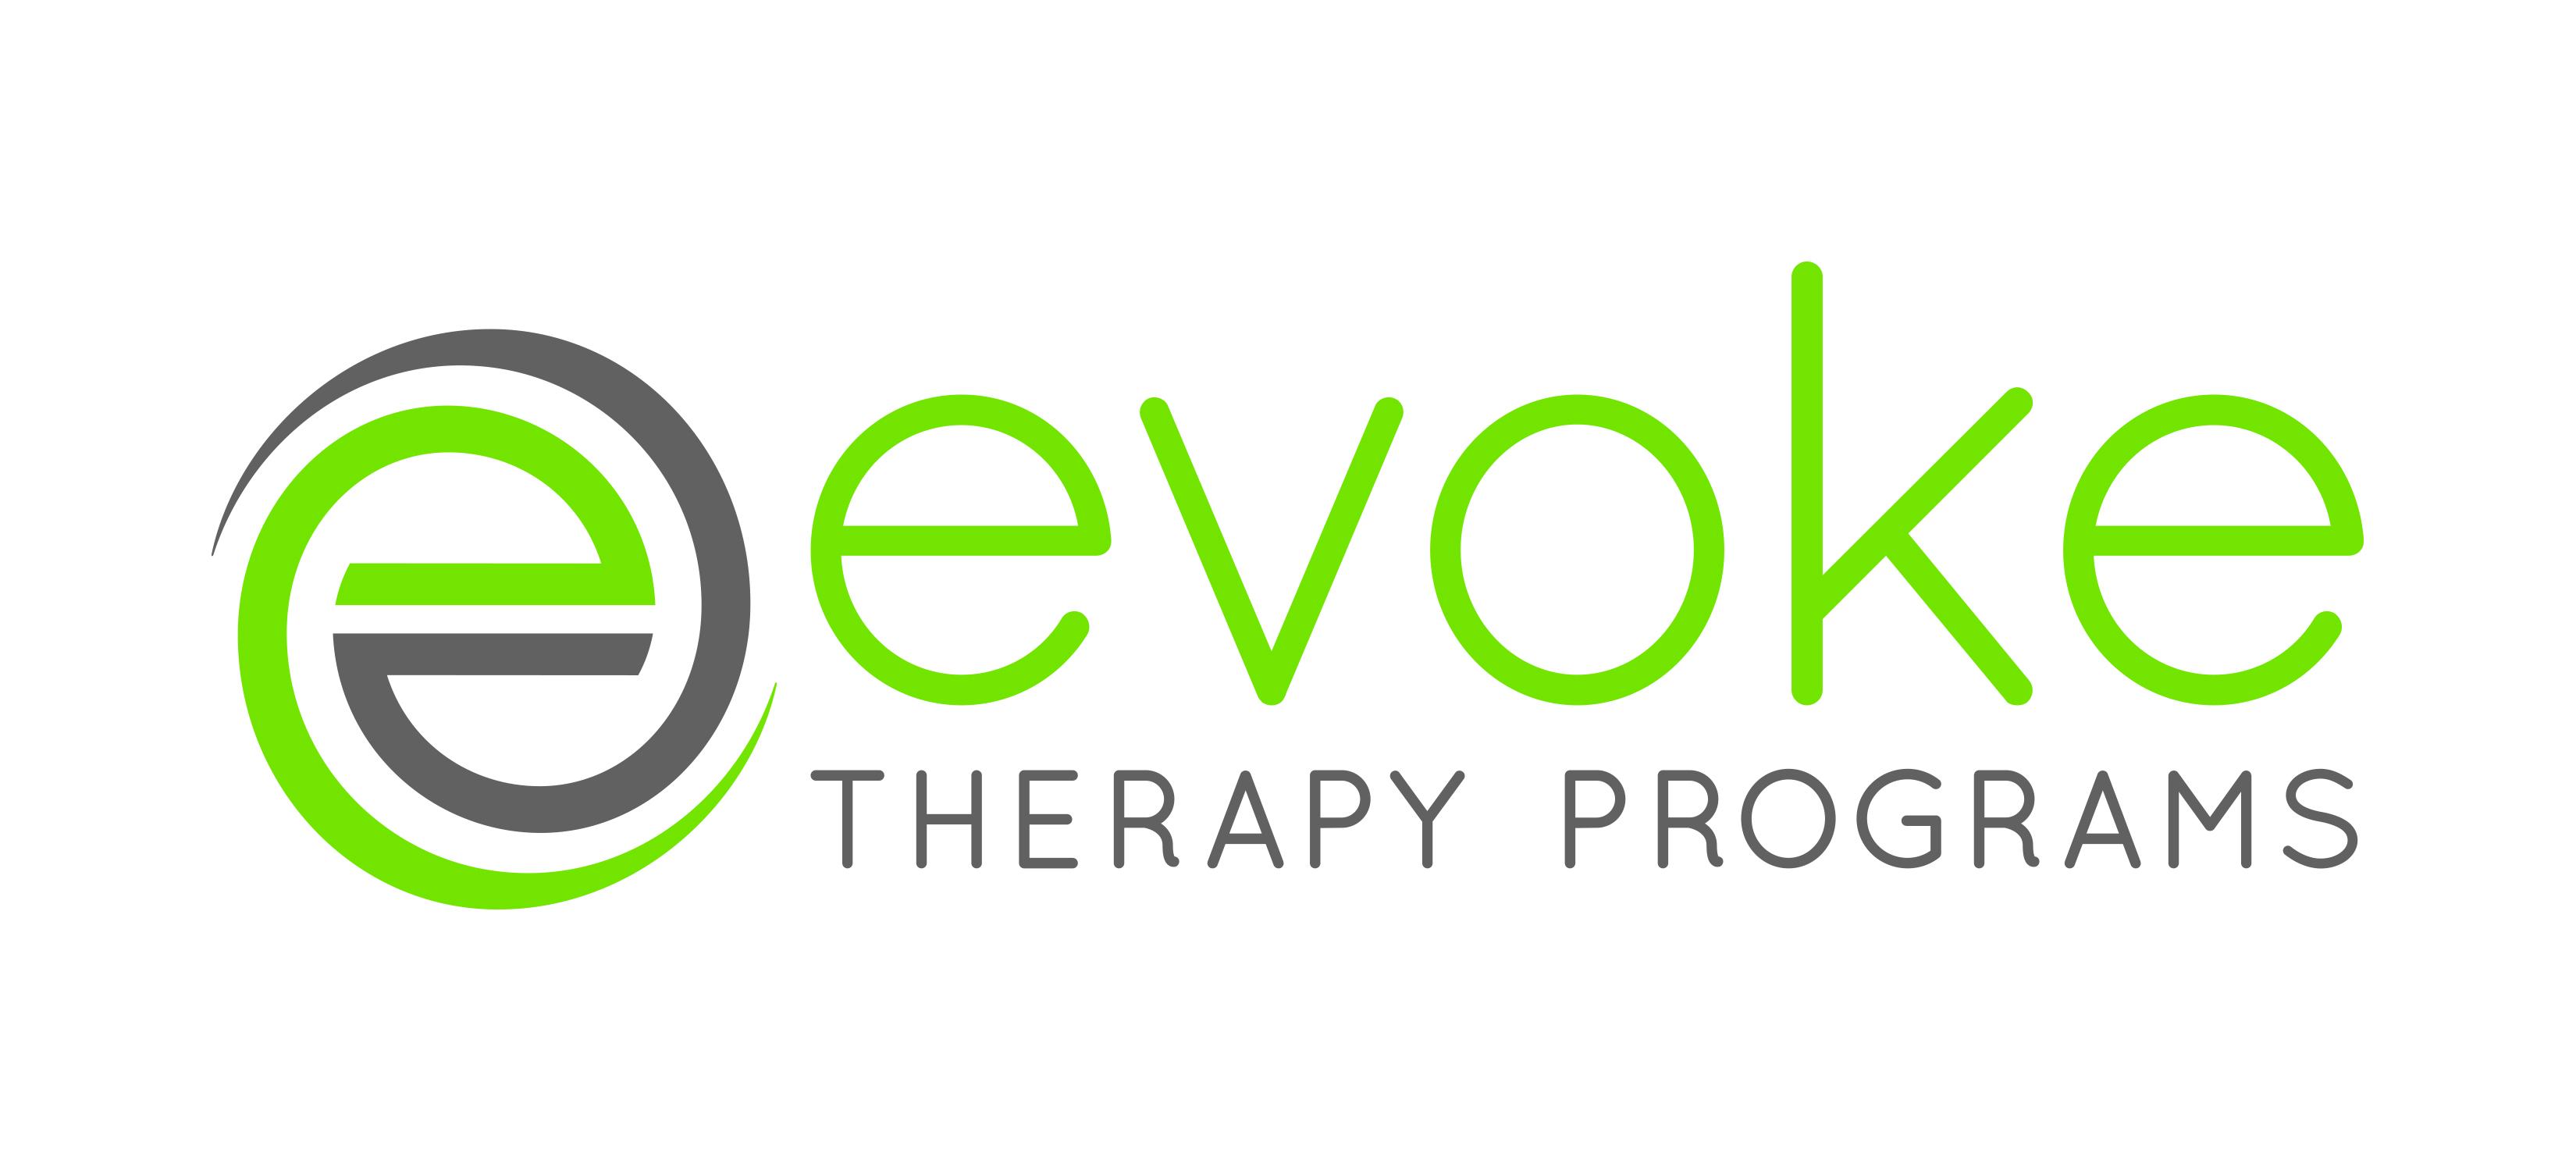 Evoke therapy logo